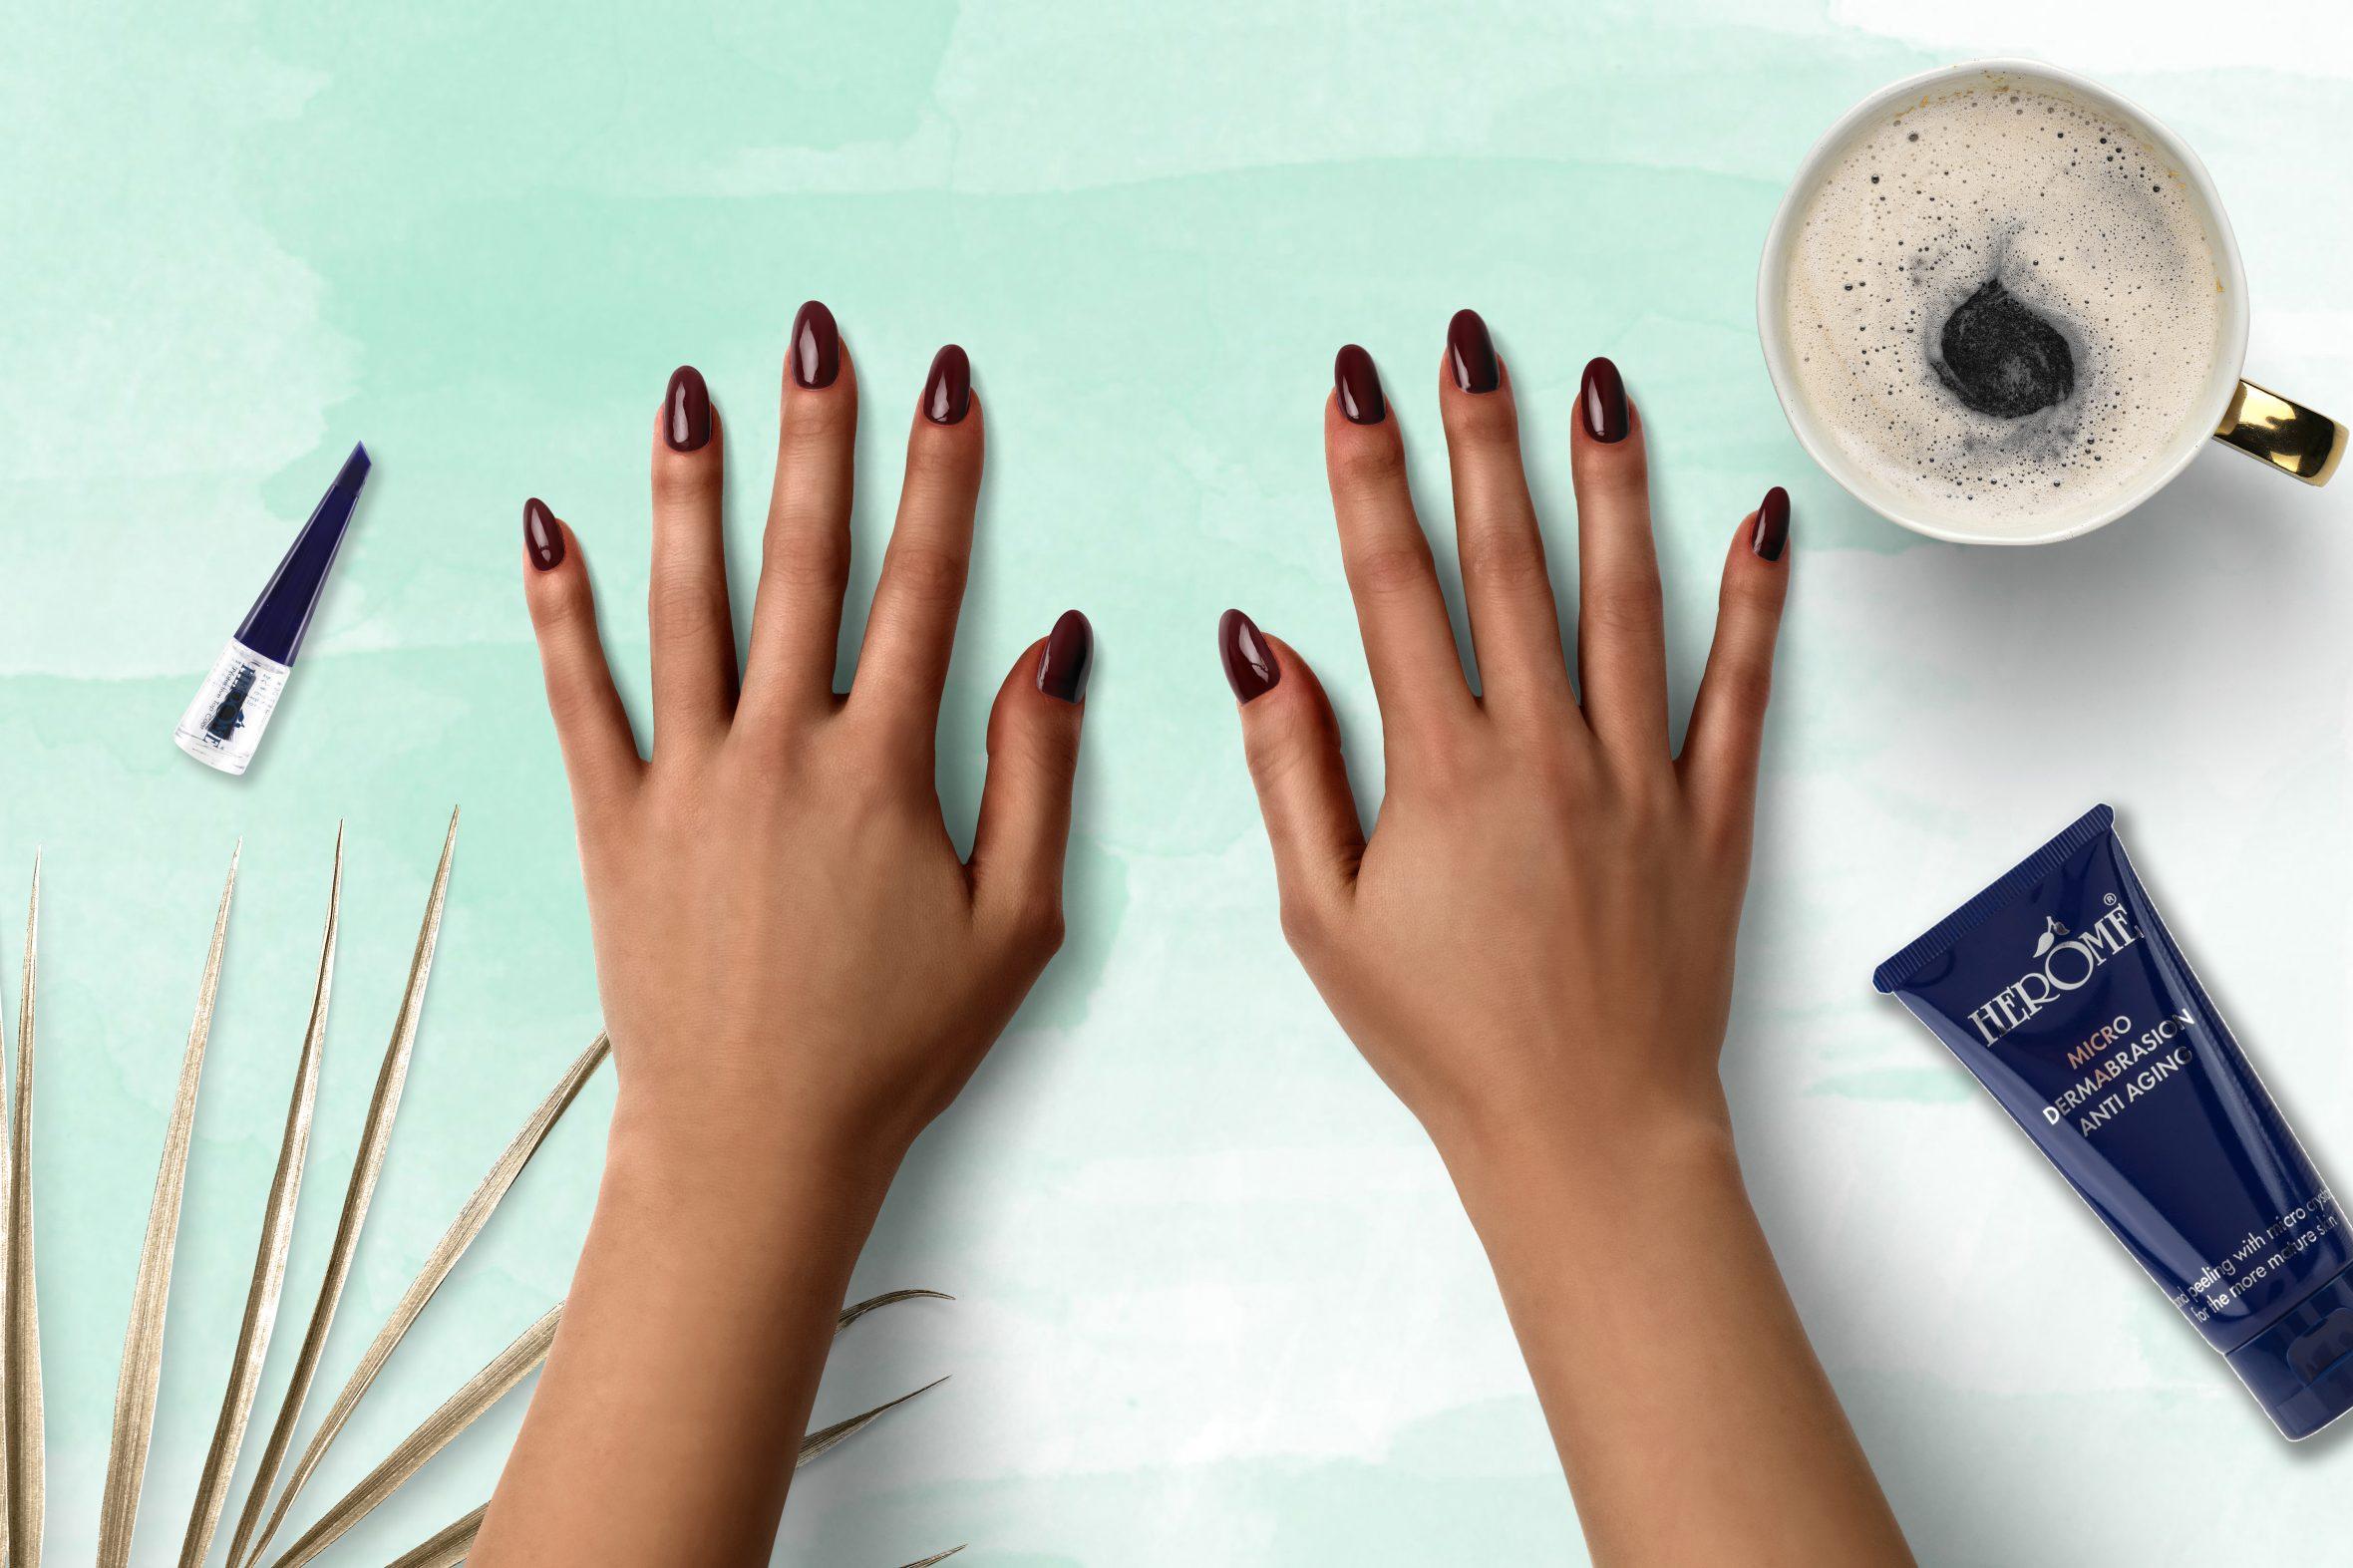 Cherry nagellak van Herôme voor je manicure